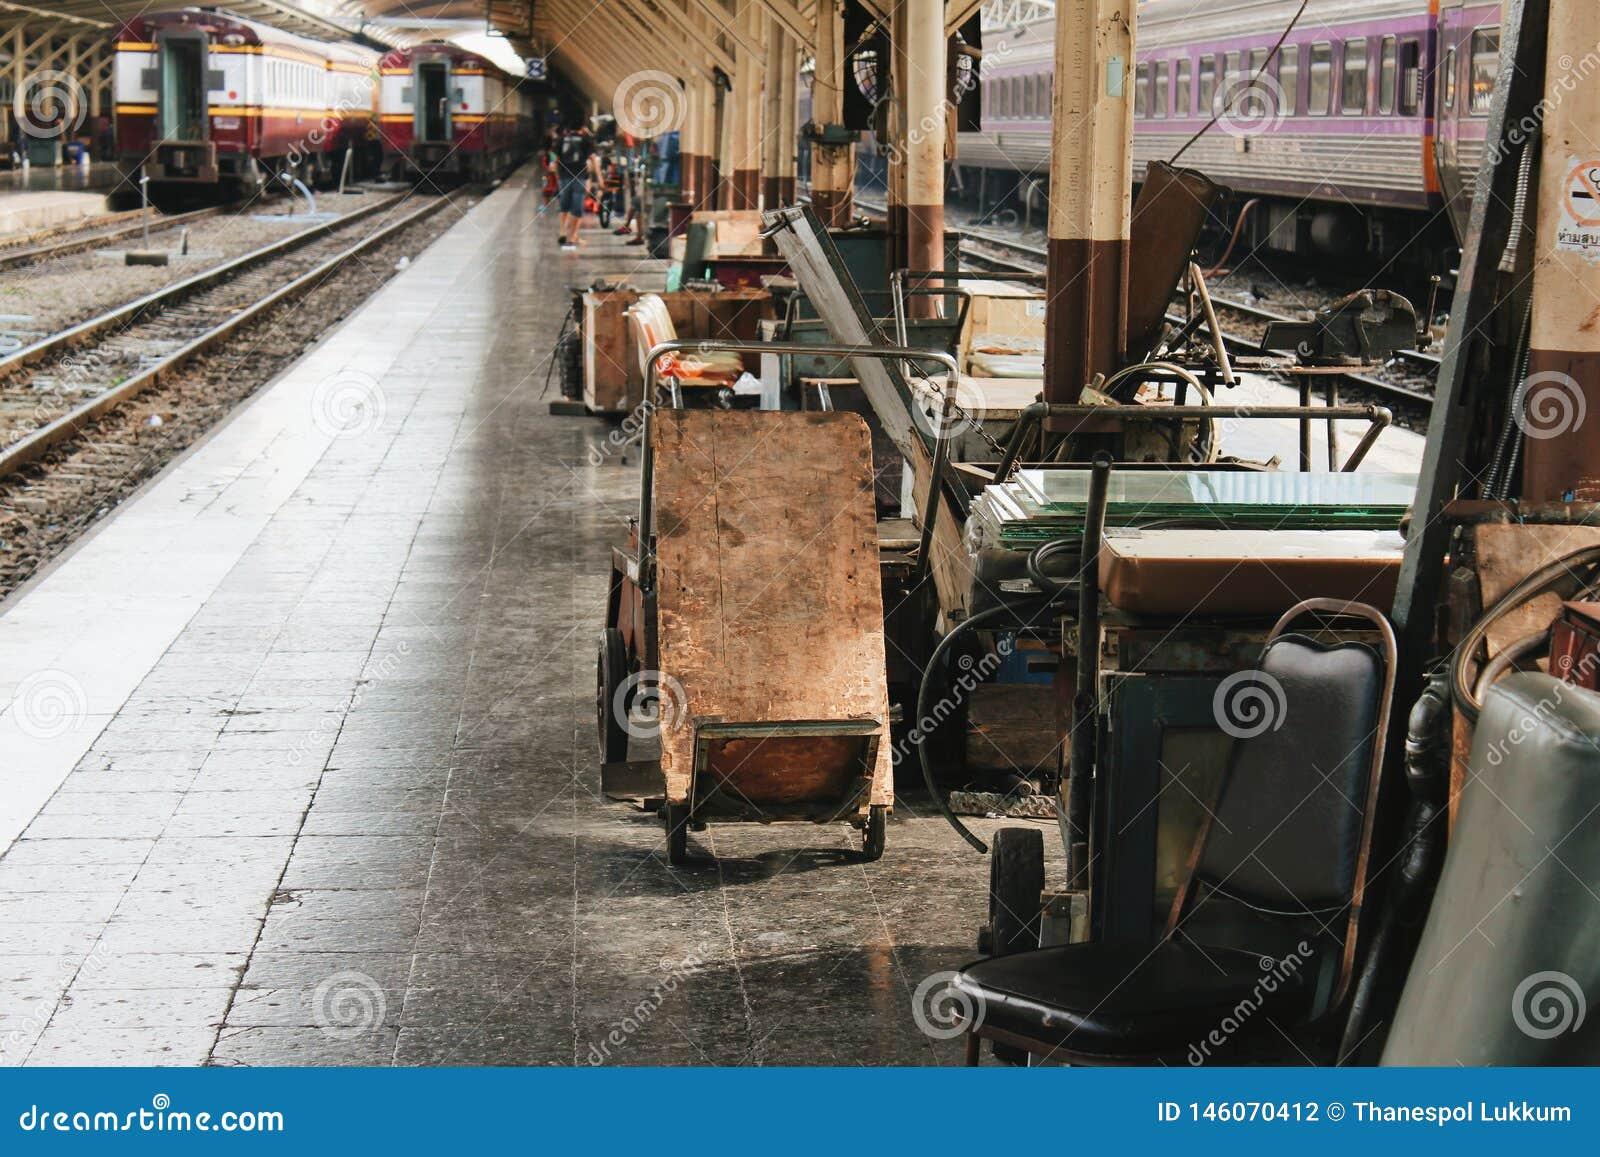 Trem da estação de trem dentro da vista